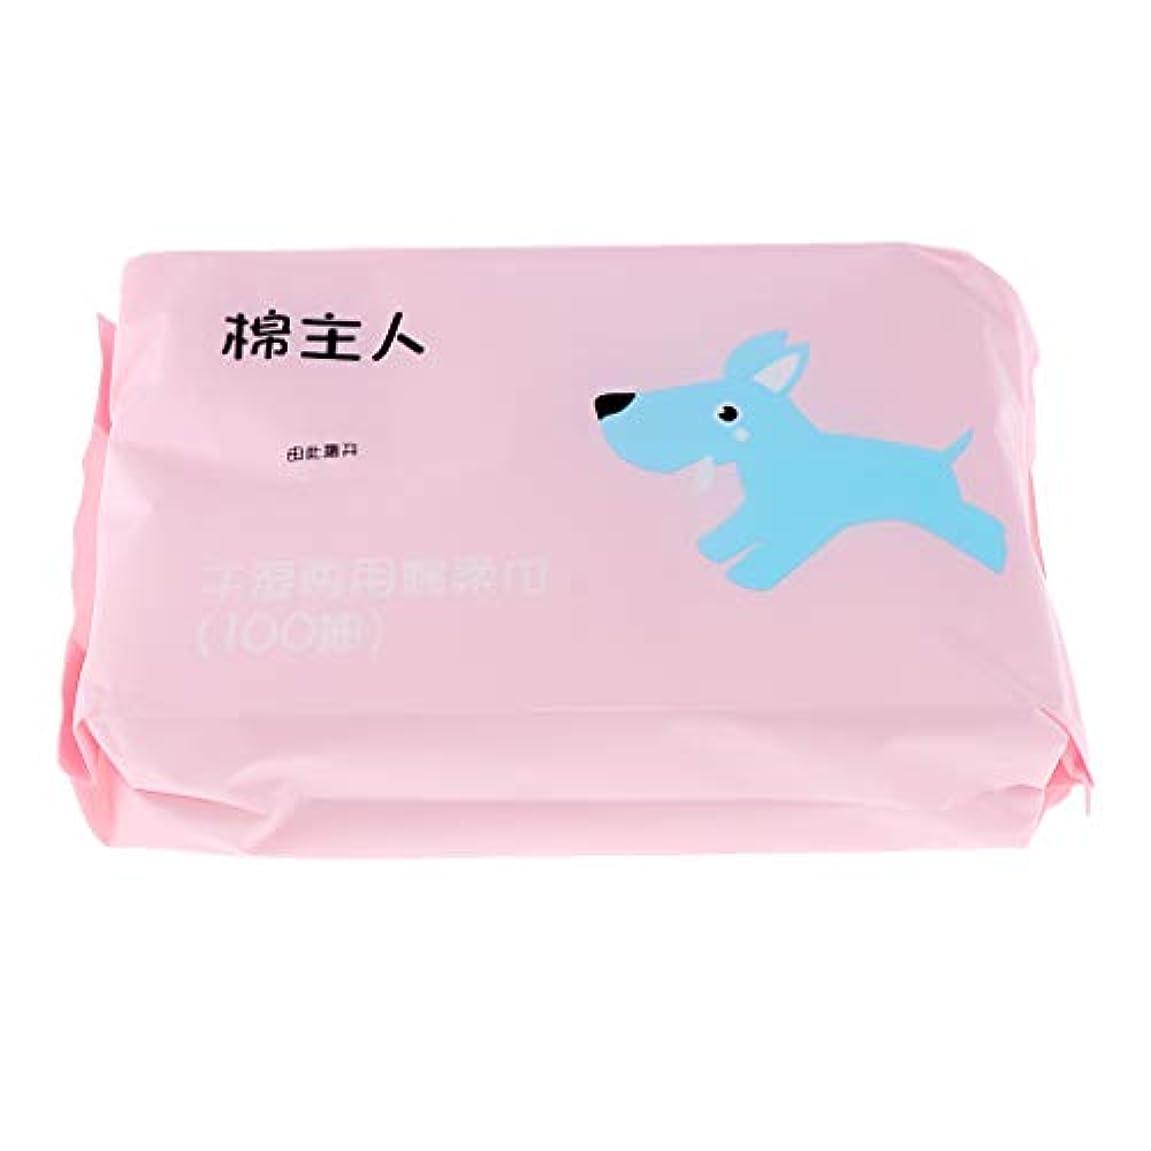 バンドル見出しつぶやき約100枚 使い捨て フェイシャルタオル クリーニング フェイスタオル 化粧品 ソフト 2色選べ - ピンク